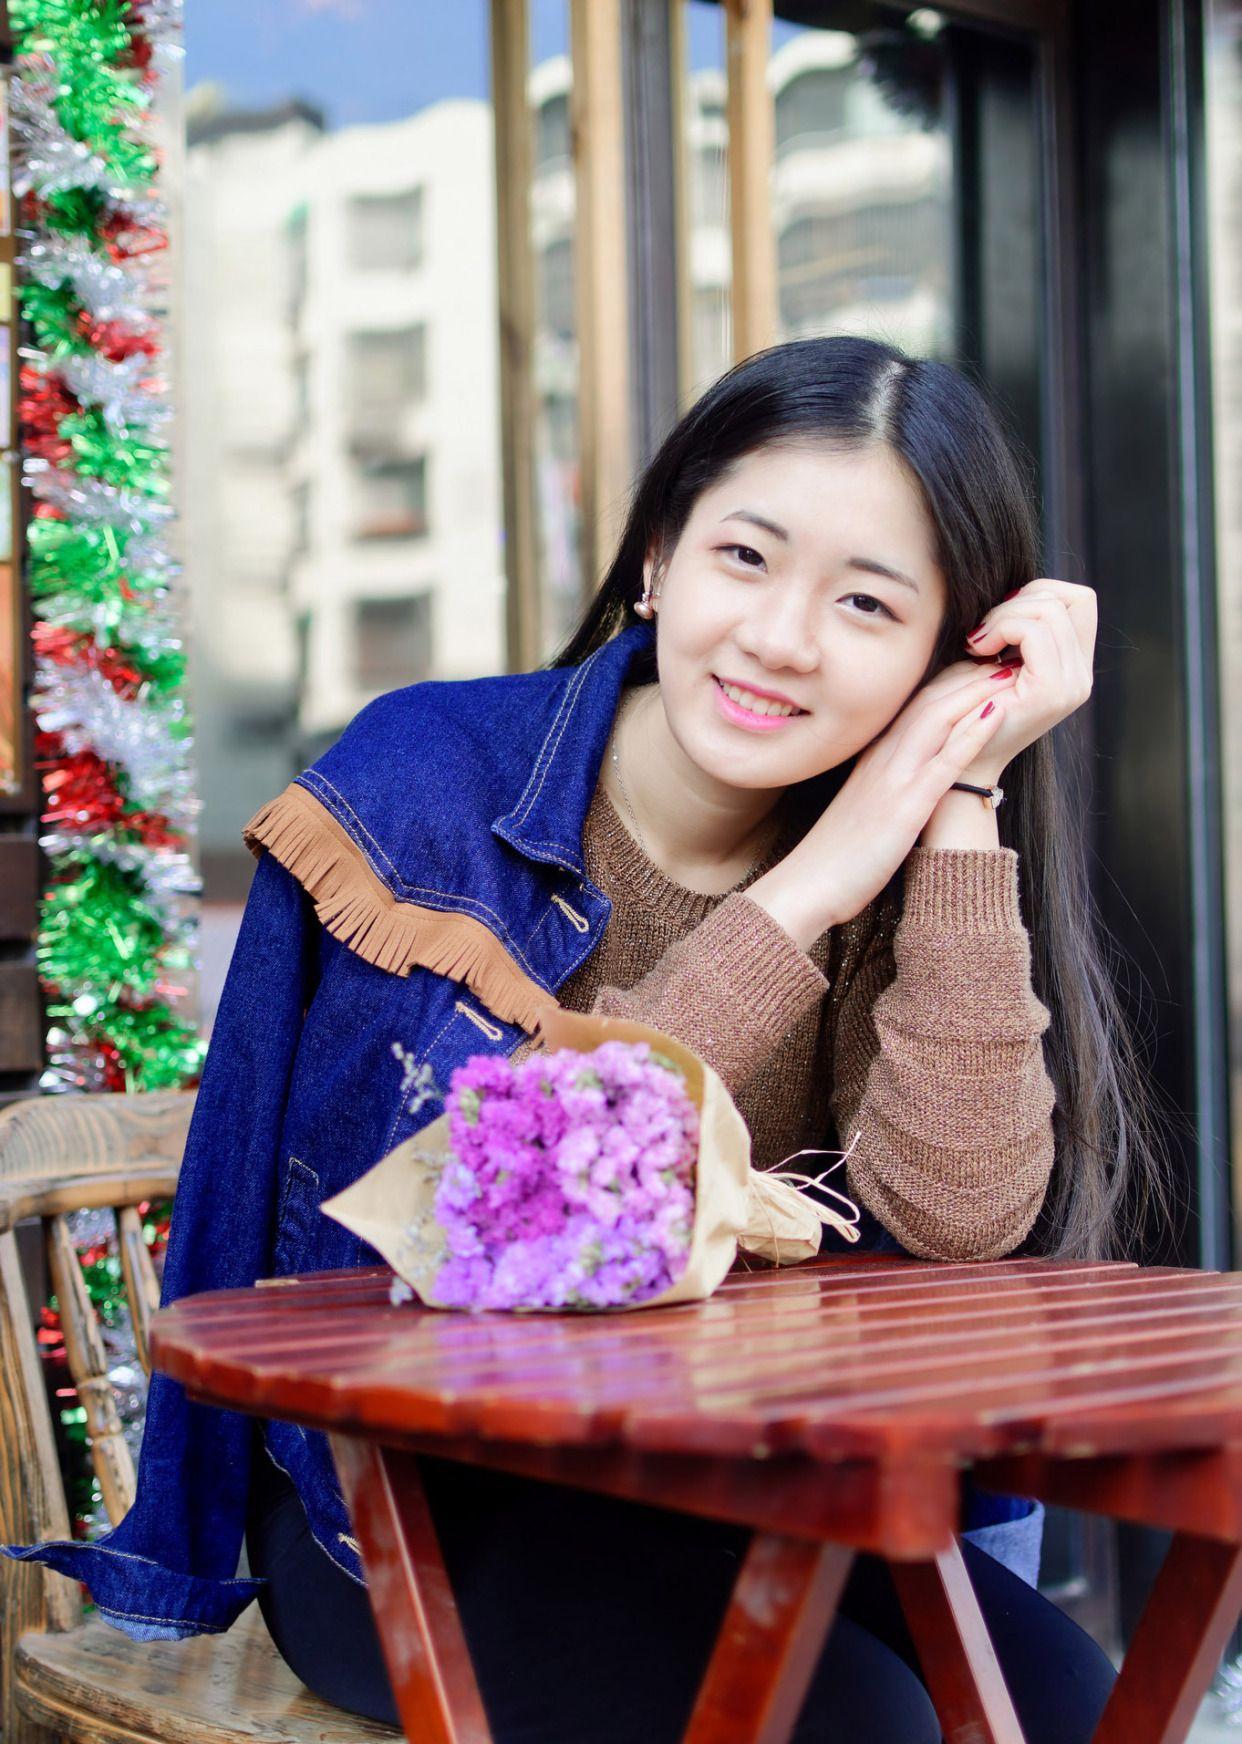 美新泽西州中国日助学金开放申请 华裔子女可申请